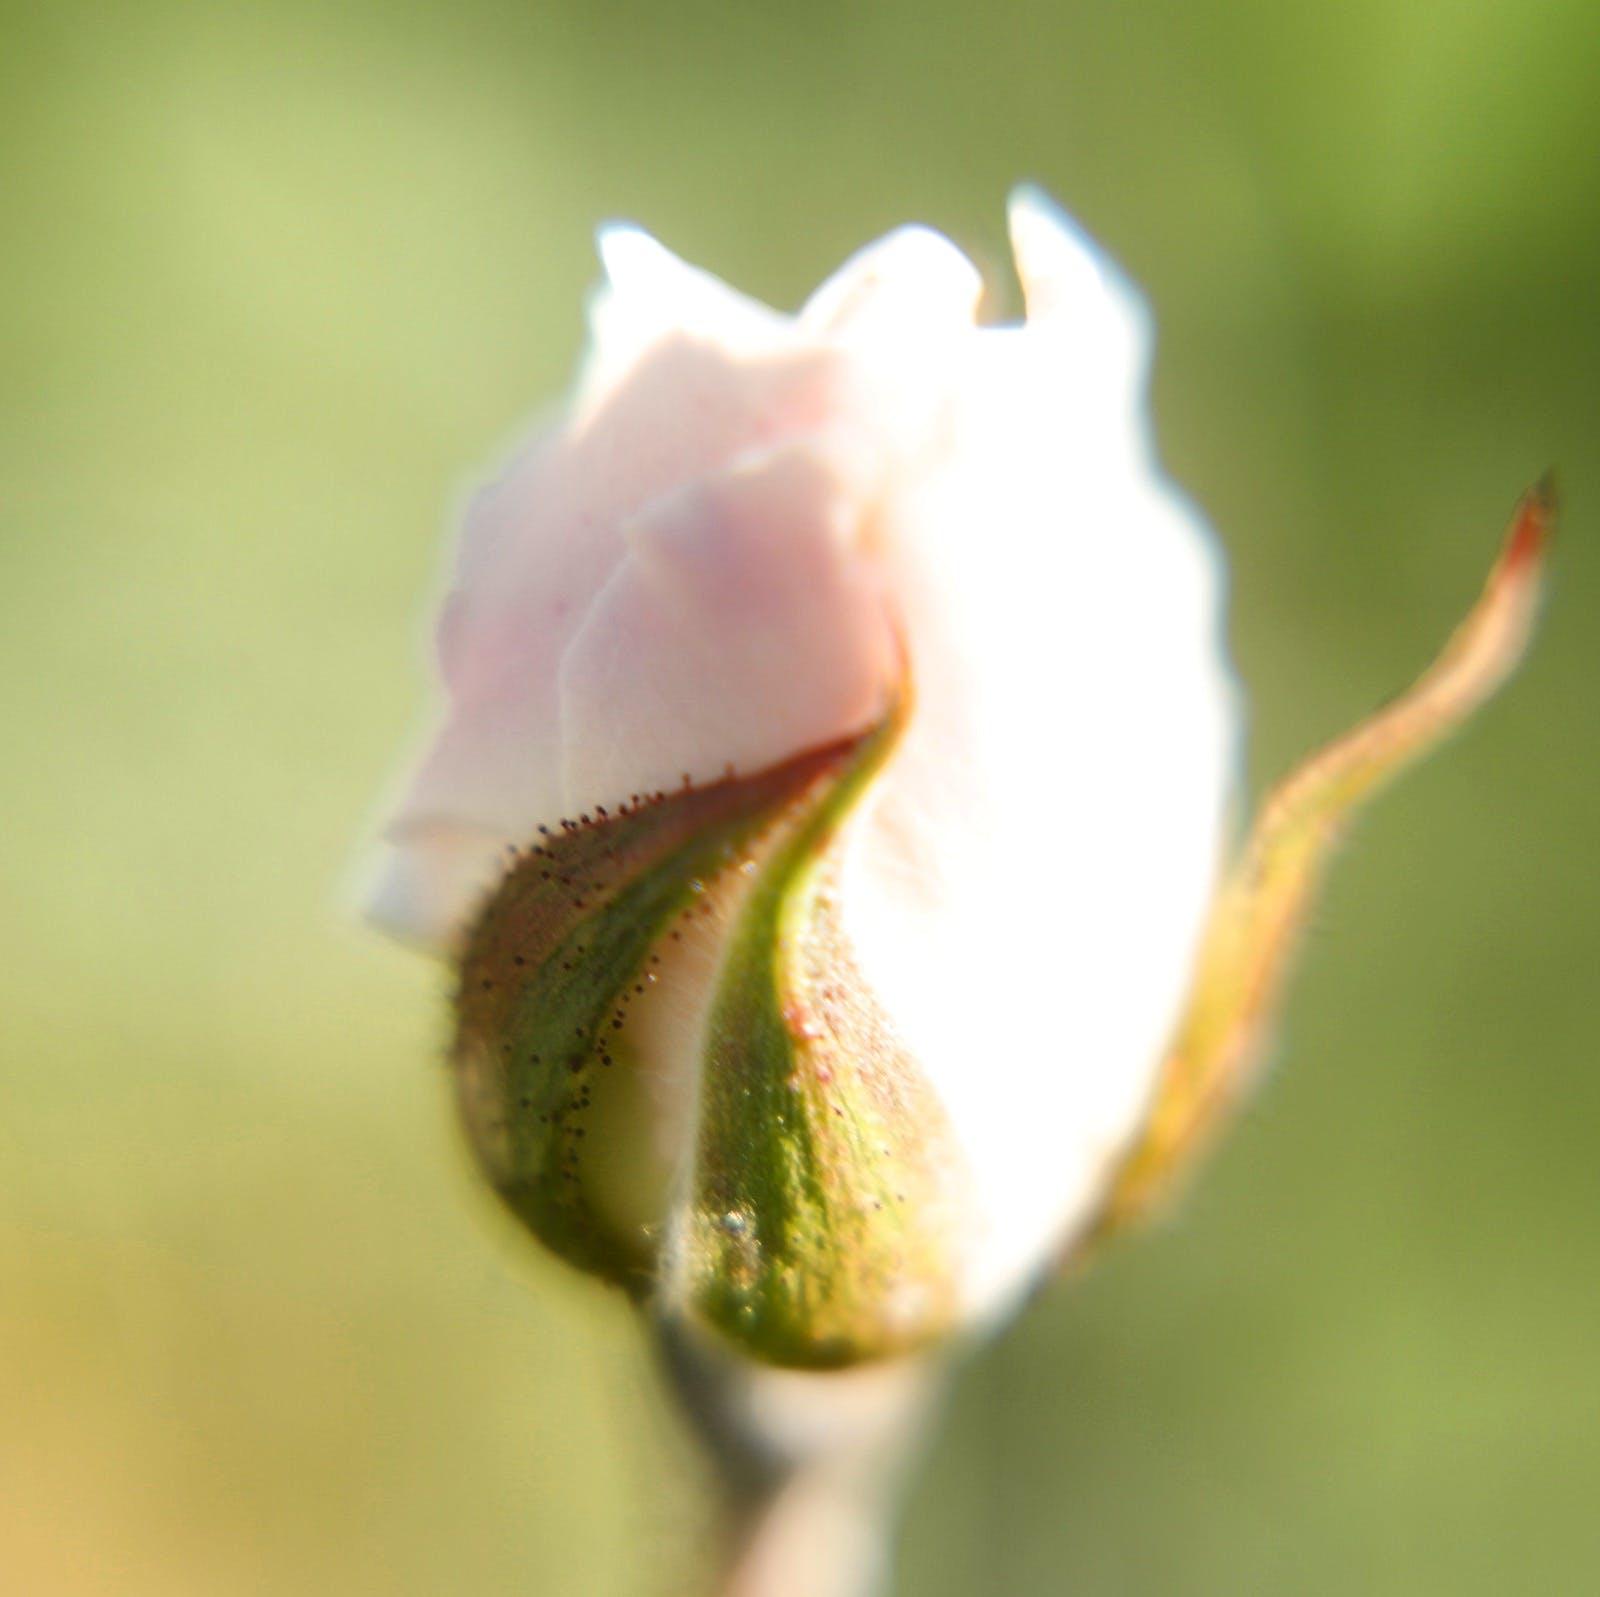 Δωρεάν στοκ φωτογραφιών με ανοικτό ροζ τριαντάφυλλο